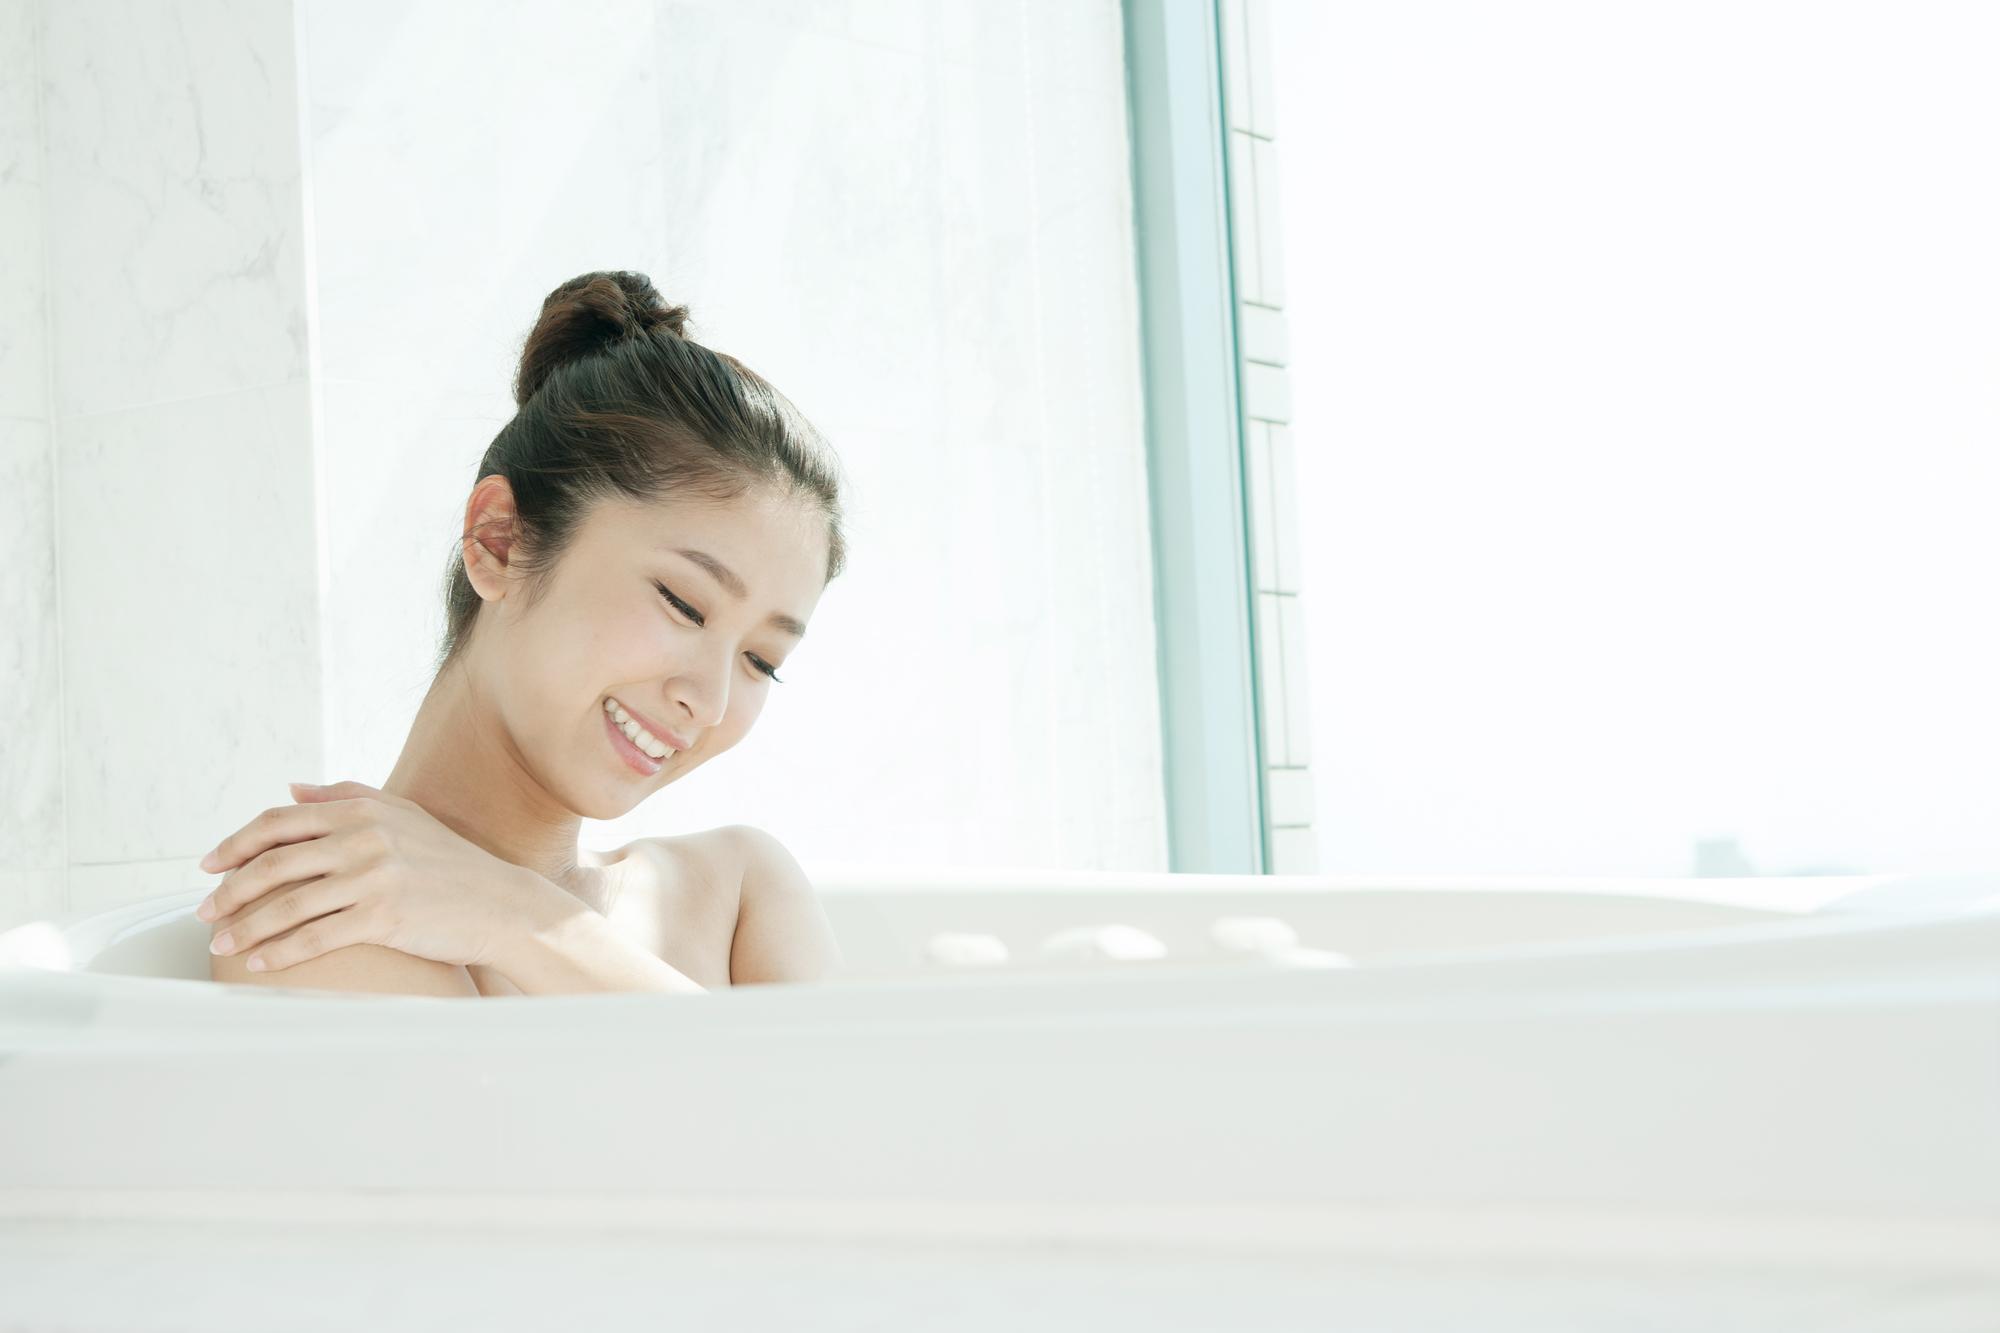 温泉好きは薄毛になりにくい!?隠された育毛効果とは?